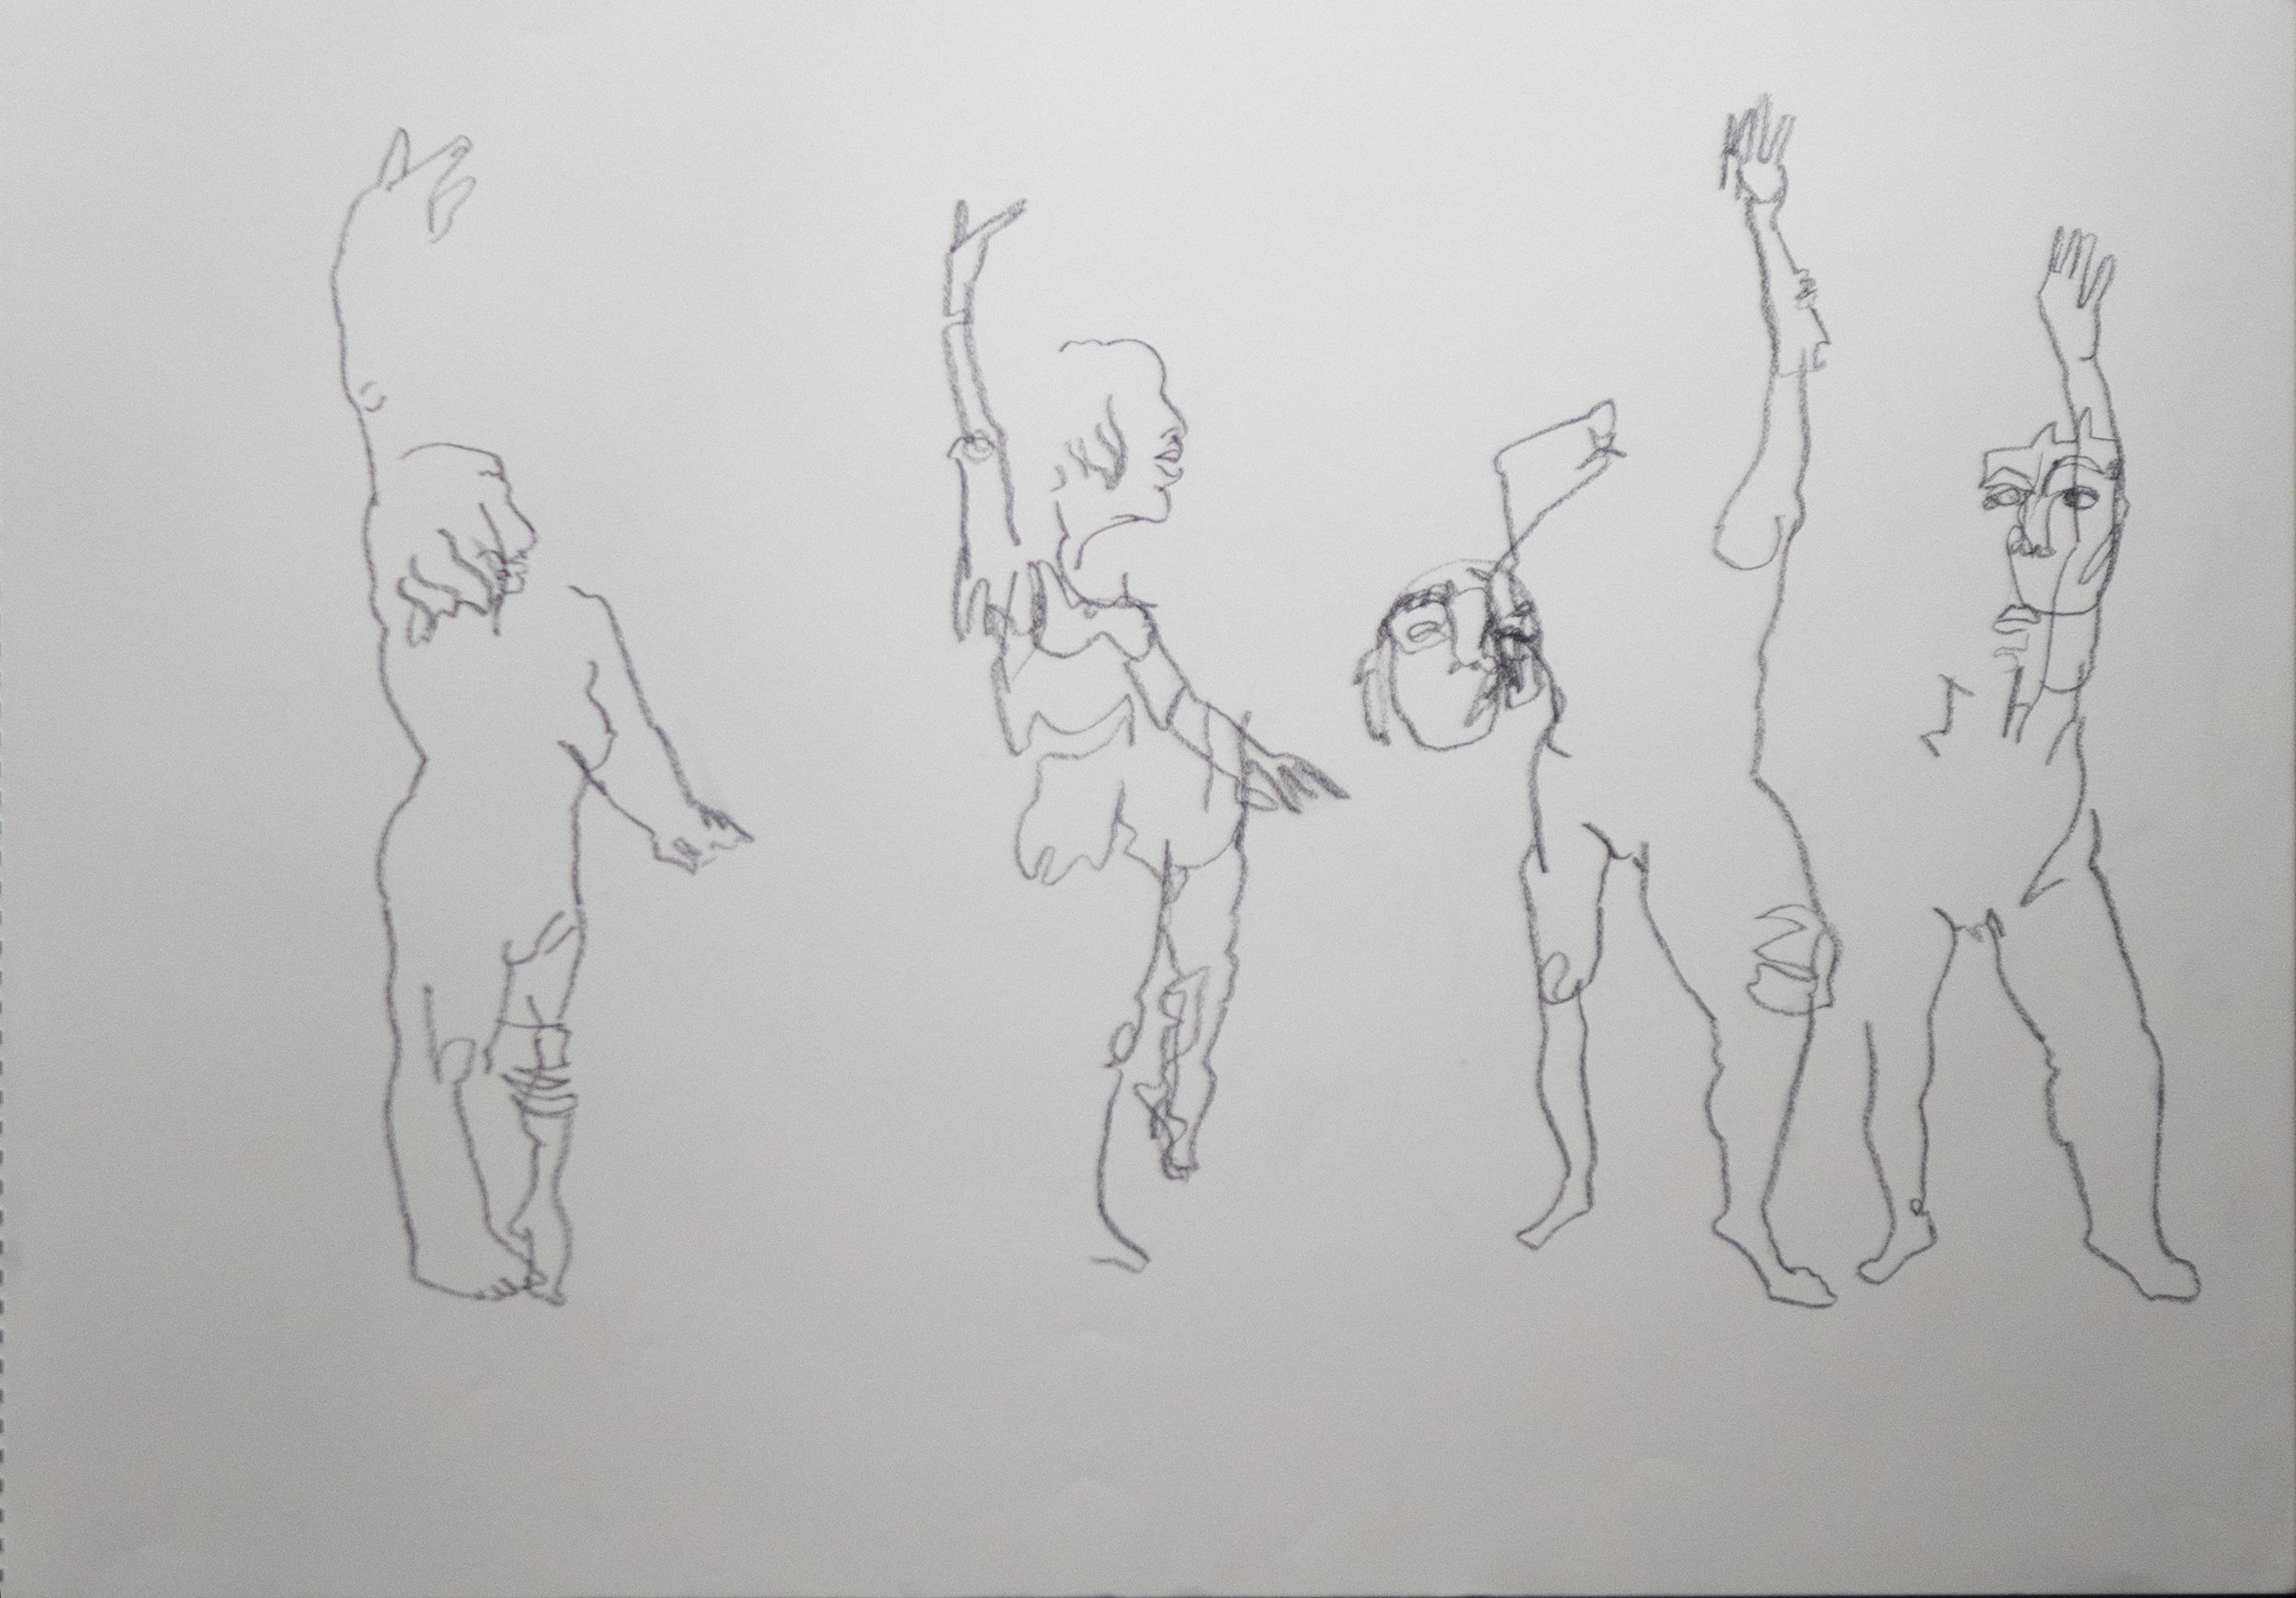 Margot-dessin à l_aveugle